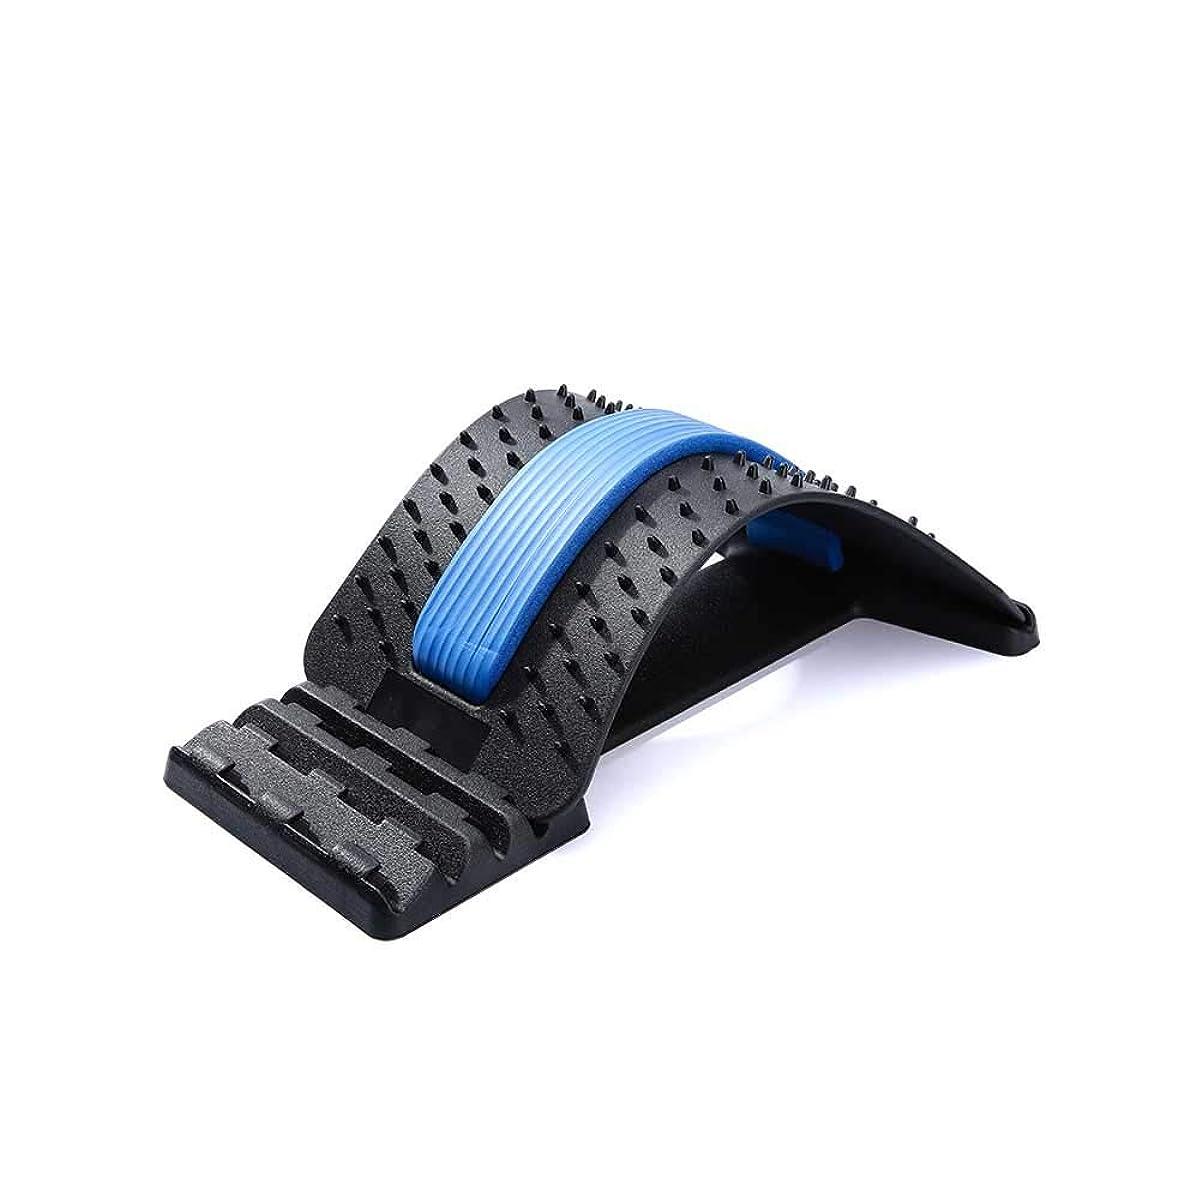 わずかなサーキットに行く欠陥Healifty バックストレッチャー脊椎の痛みを軽減する腰椎牽引ストレッチングデバイス姿勢矯正具